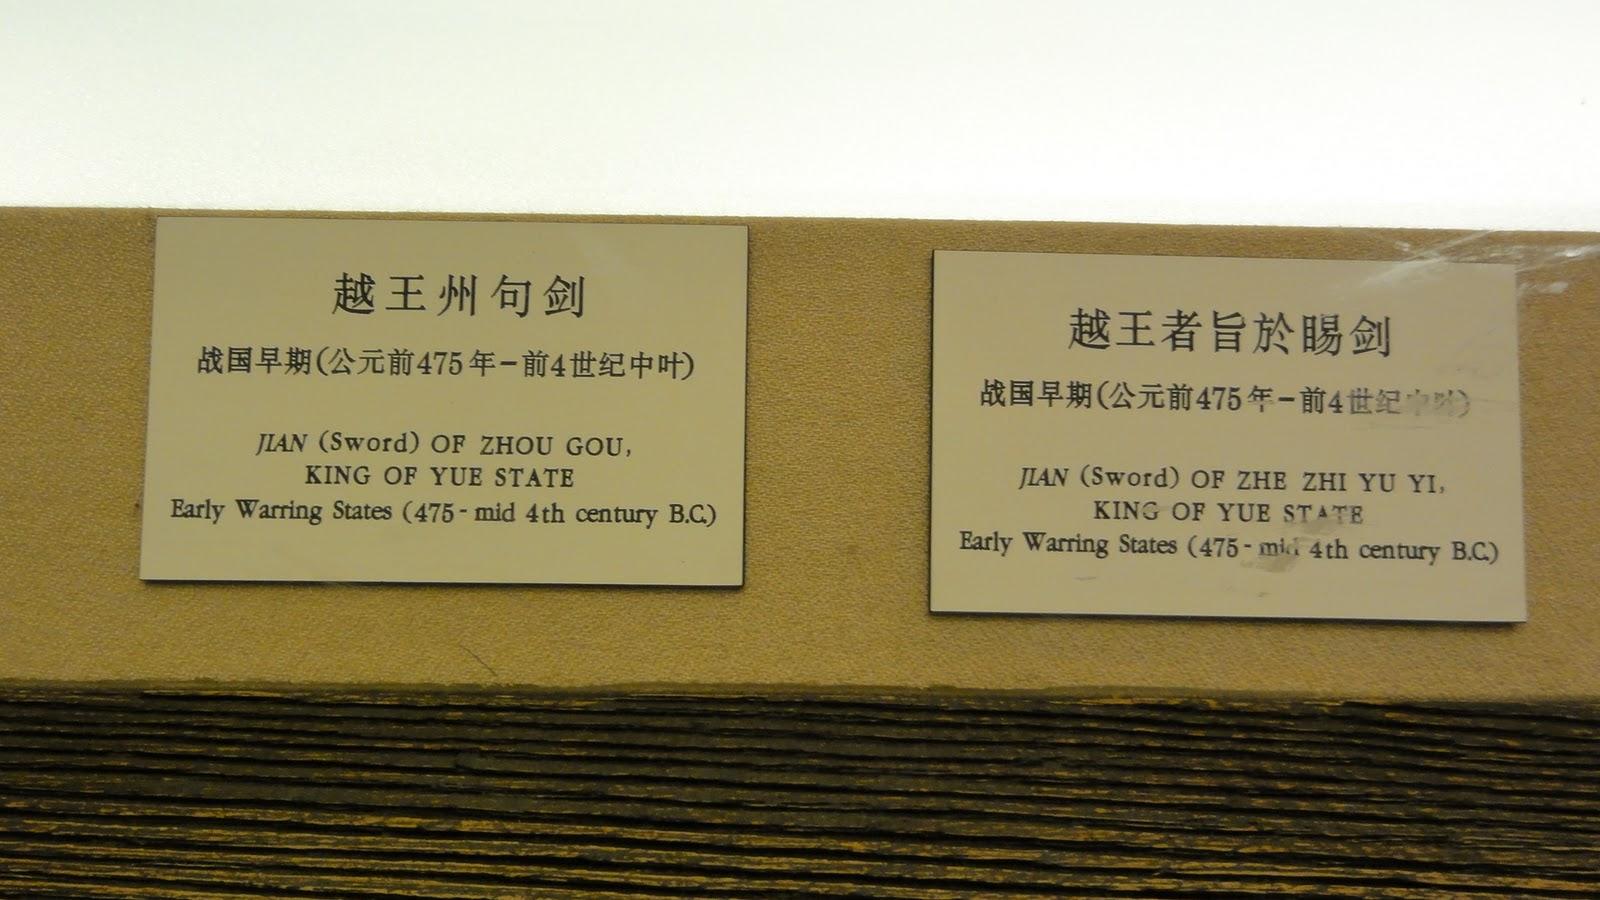 歷史背包客的筆記本: 者(ㄓㄨ)旨(ㄐㄧ)於睗(ㄕˋ)劍